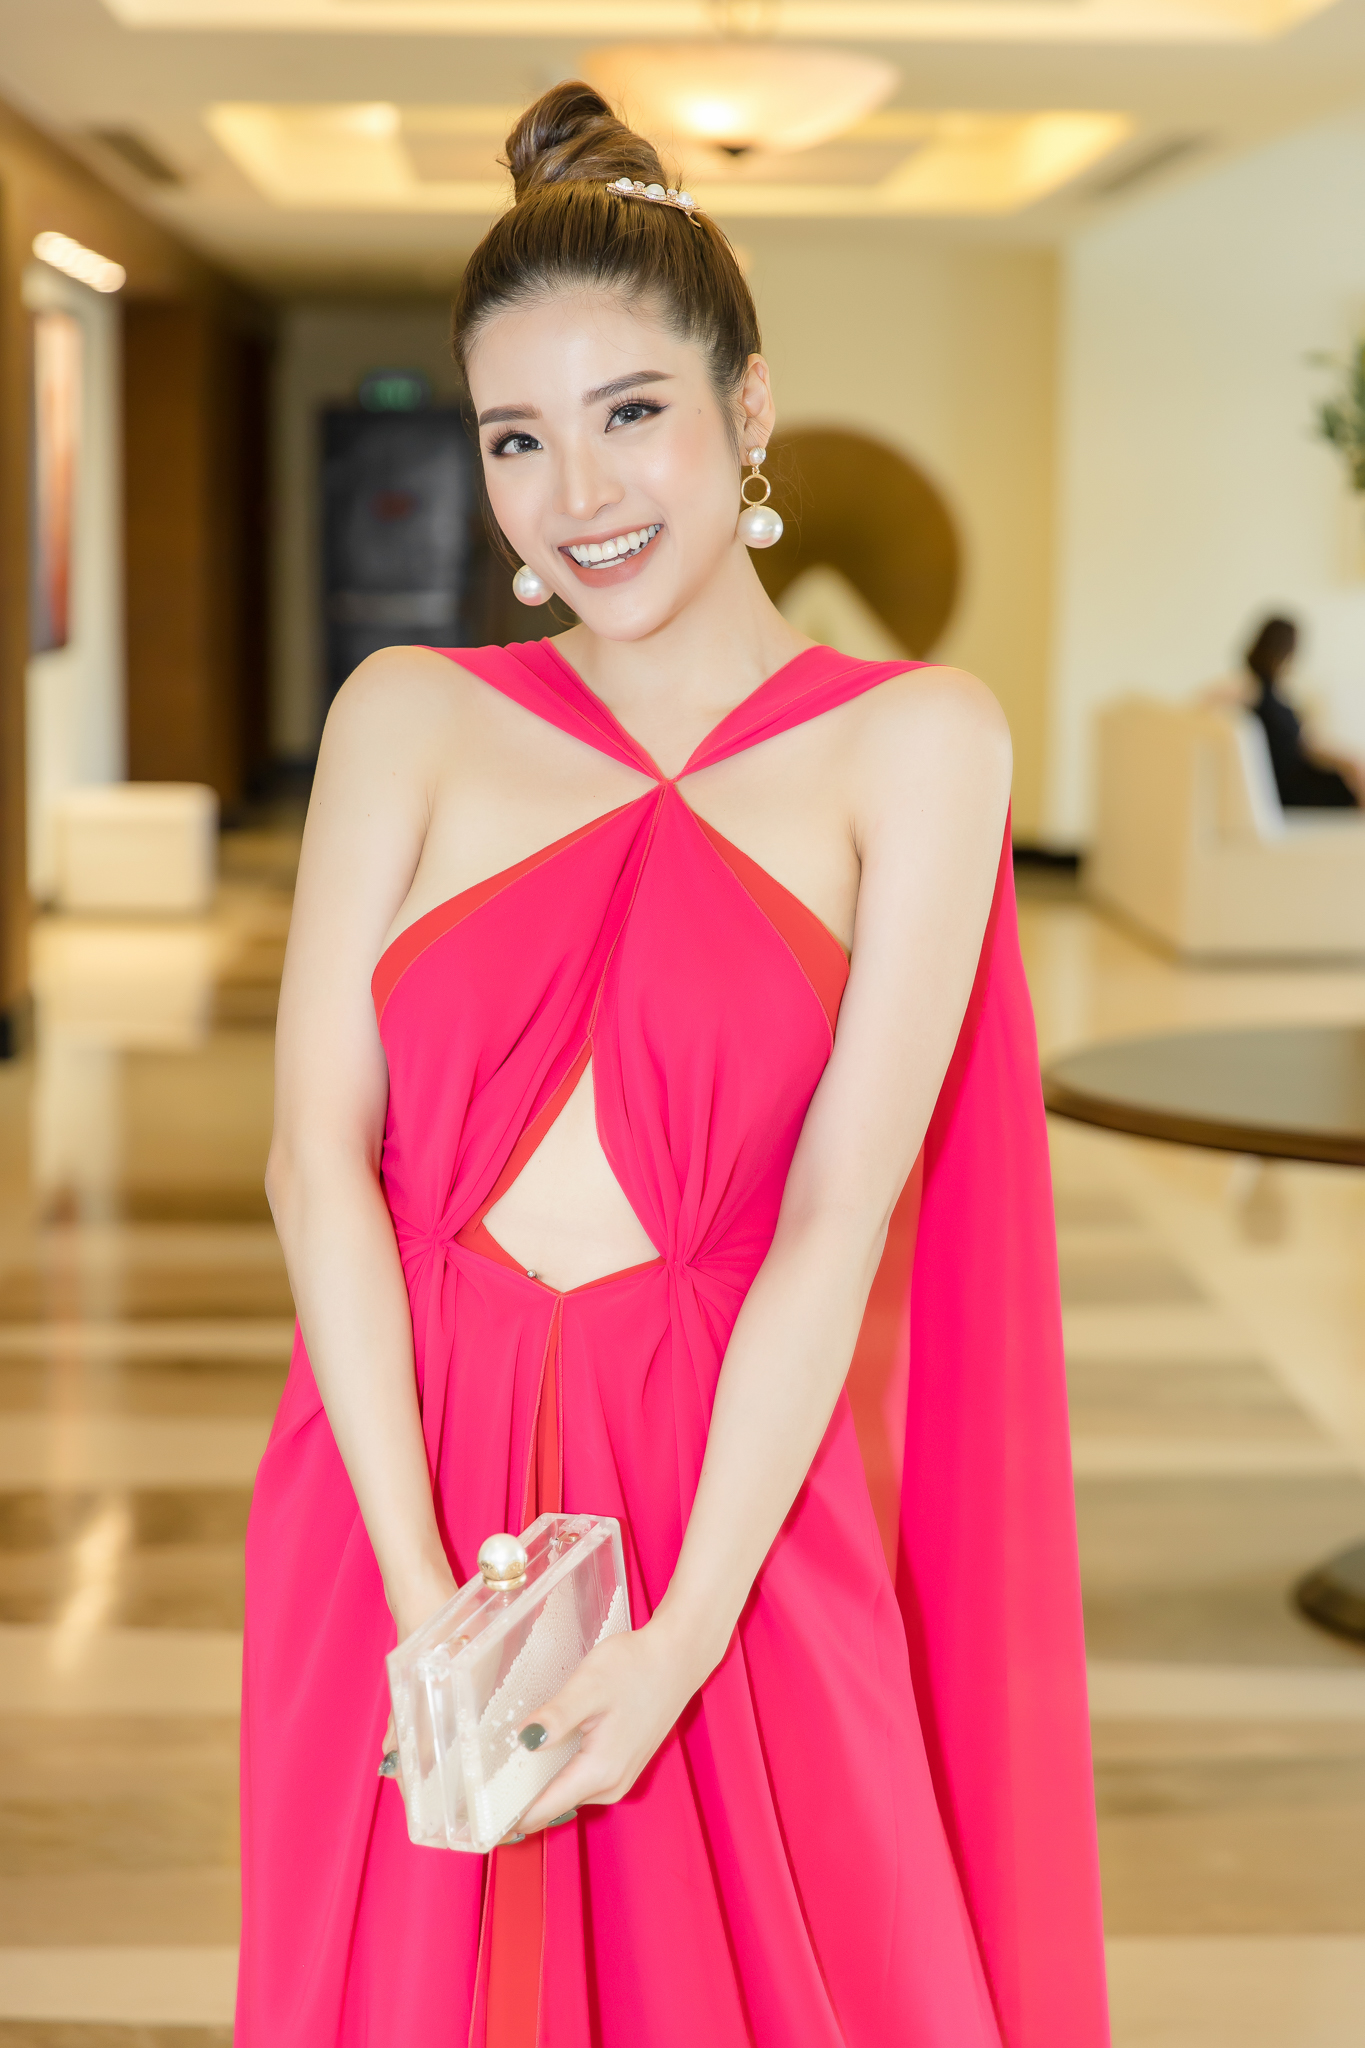 Hoa hậu Phan Hoàng Thu khoe thân hình đồng hồ cát chuẩn nữ thần - 1